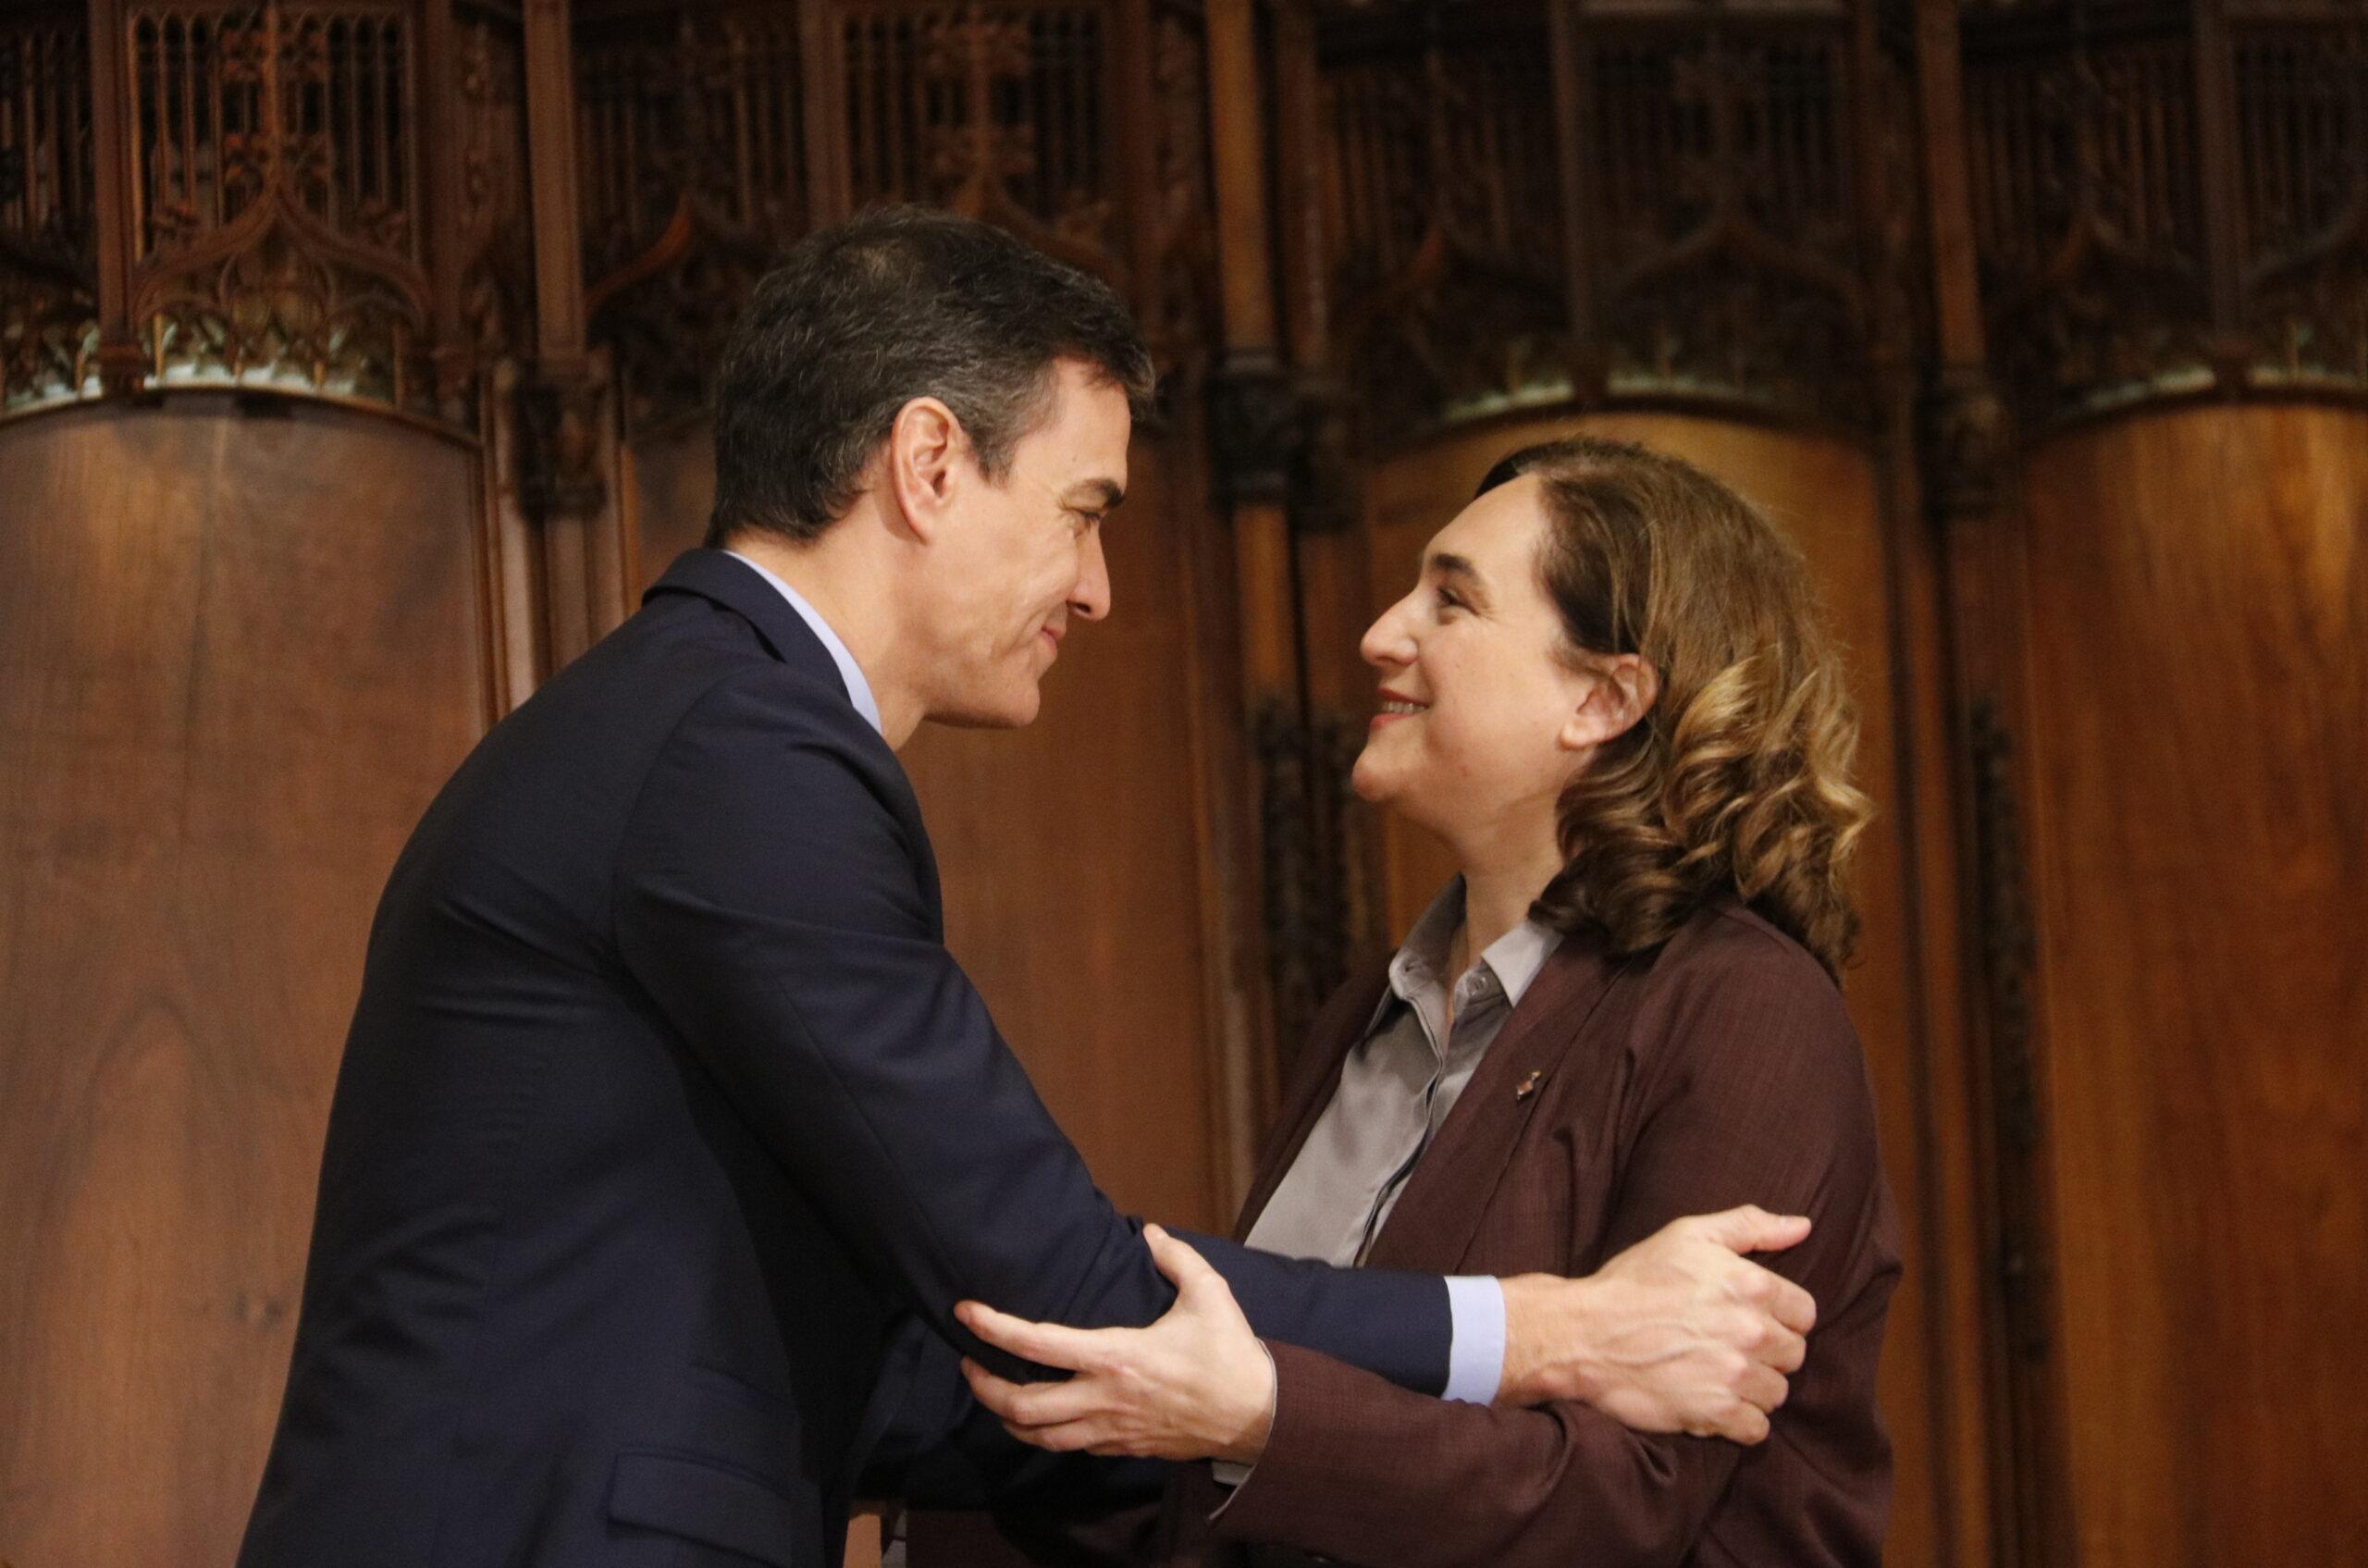 El president espanyol, Pedro Sánchez, i l'alcaldessa de Barcelona, Ada Colau, en una imatge d'arxiu/ ACN - Gerard Artigas